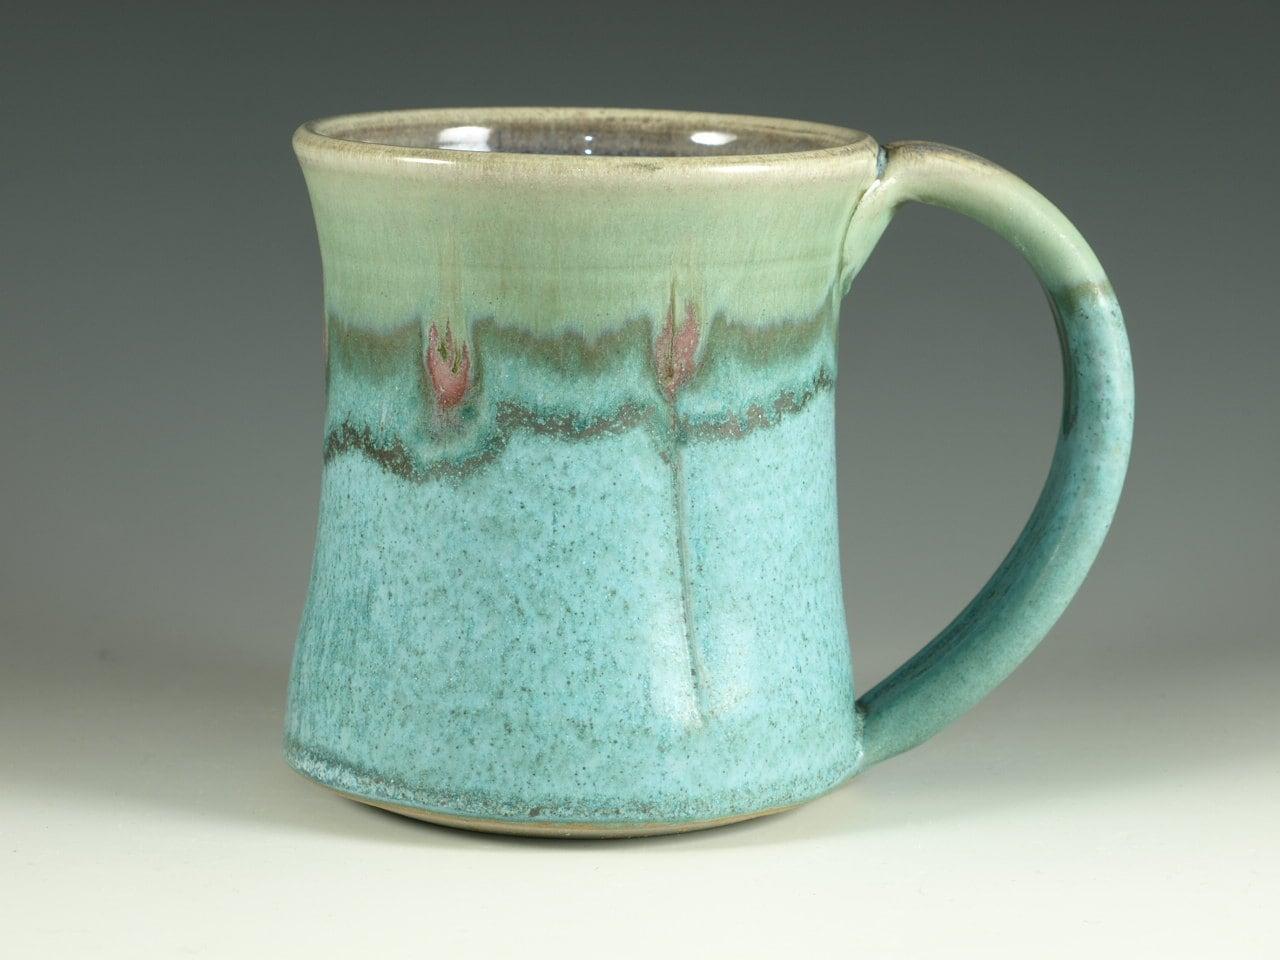 Large Coffee Mug Large Handle Turquoise Stoneware 20oz